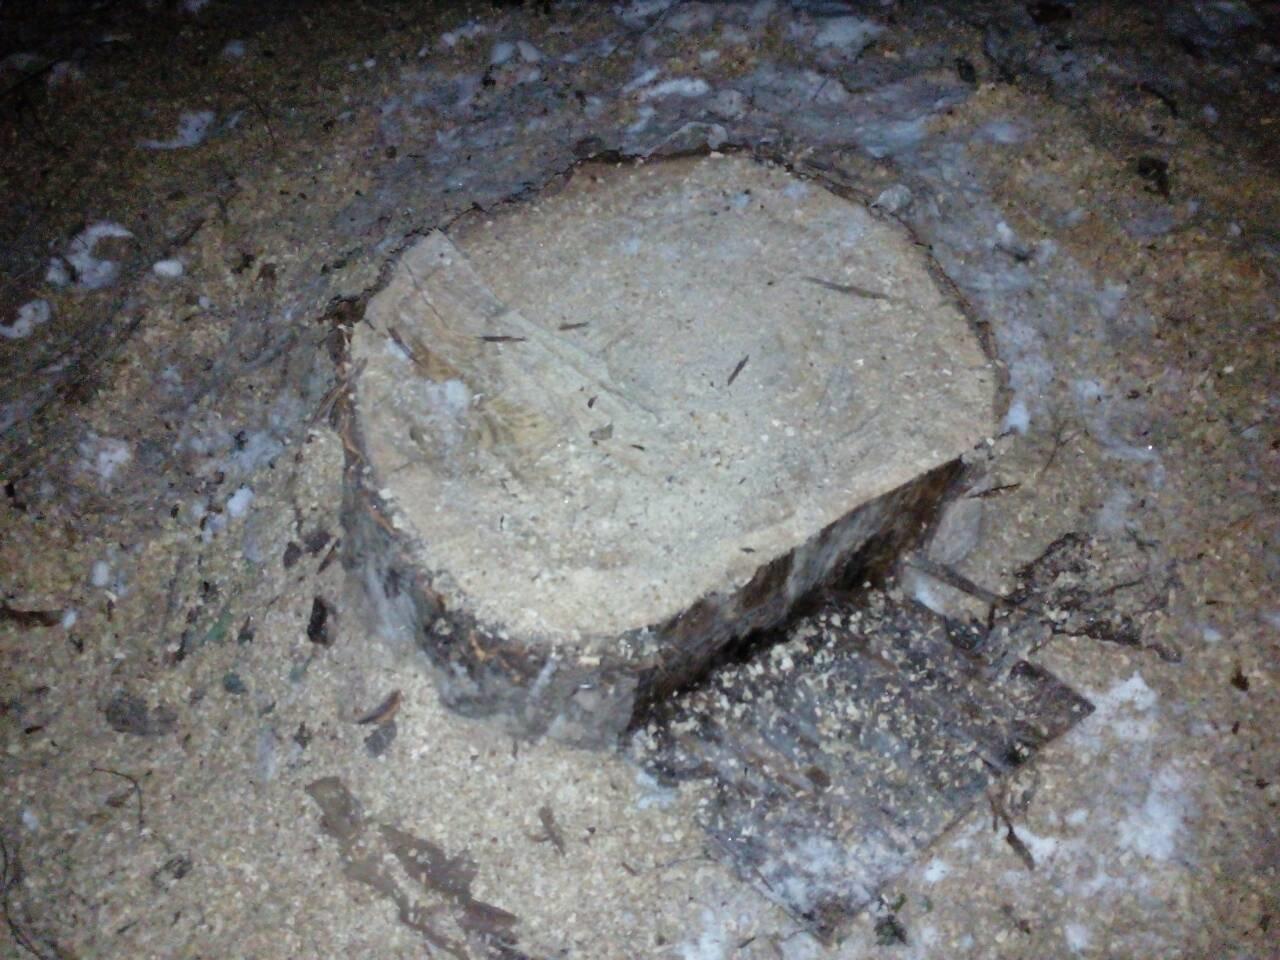 Запасались дровами: каменские гвардейцы пресекли незаконную вырубку деревьев, фото-1